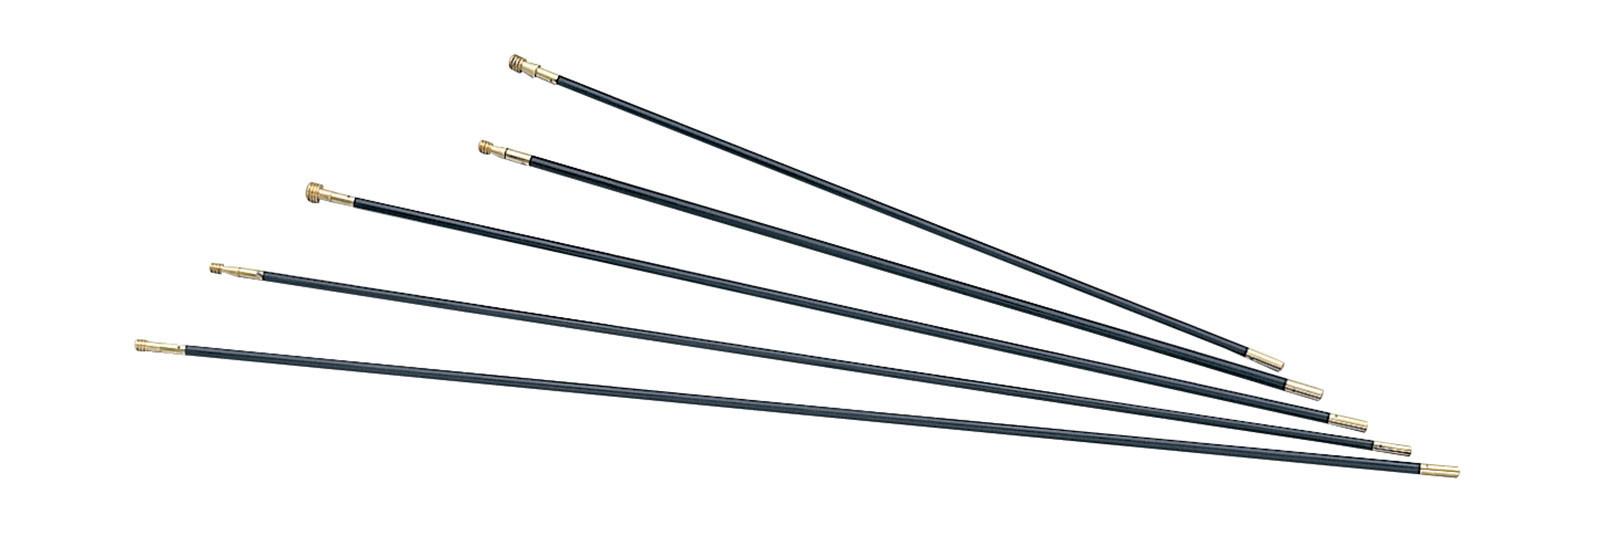 Bacchetta in fibra per armi ad avancarica 9x710 mm